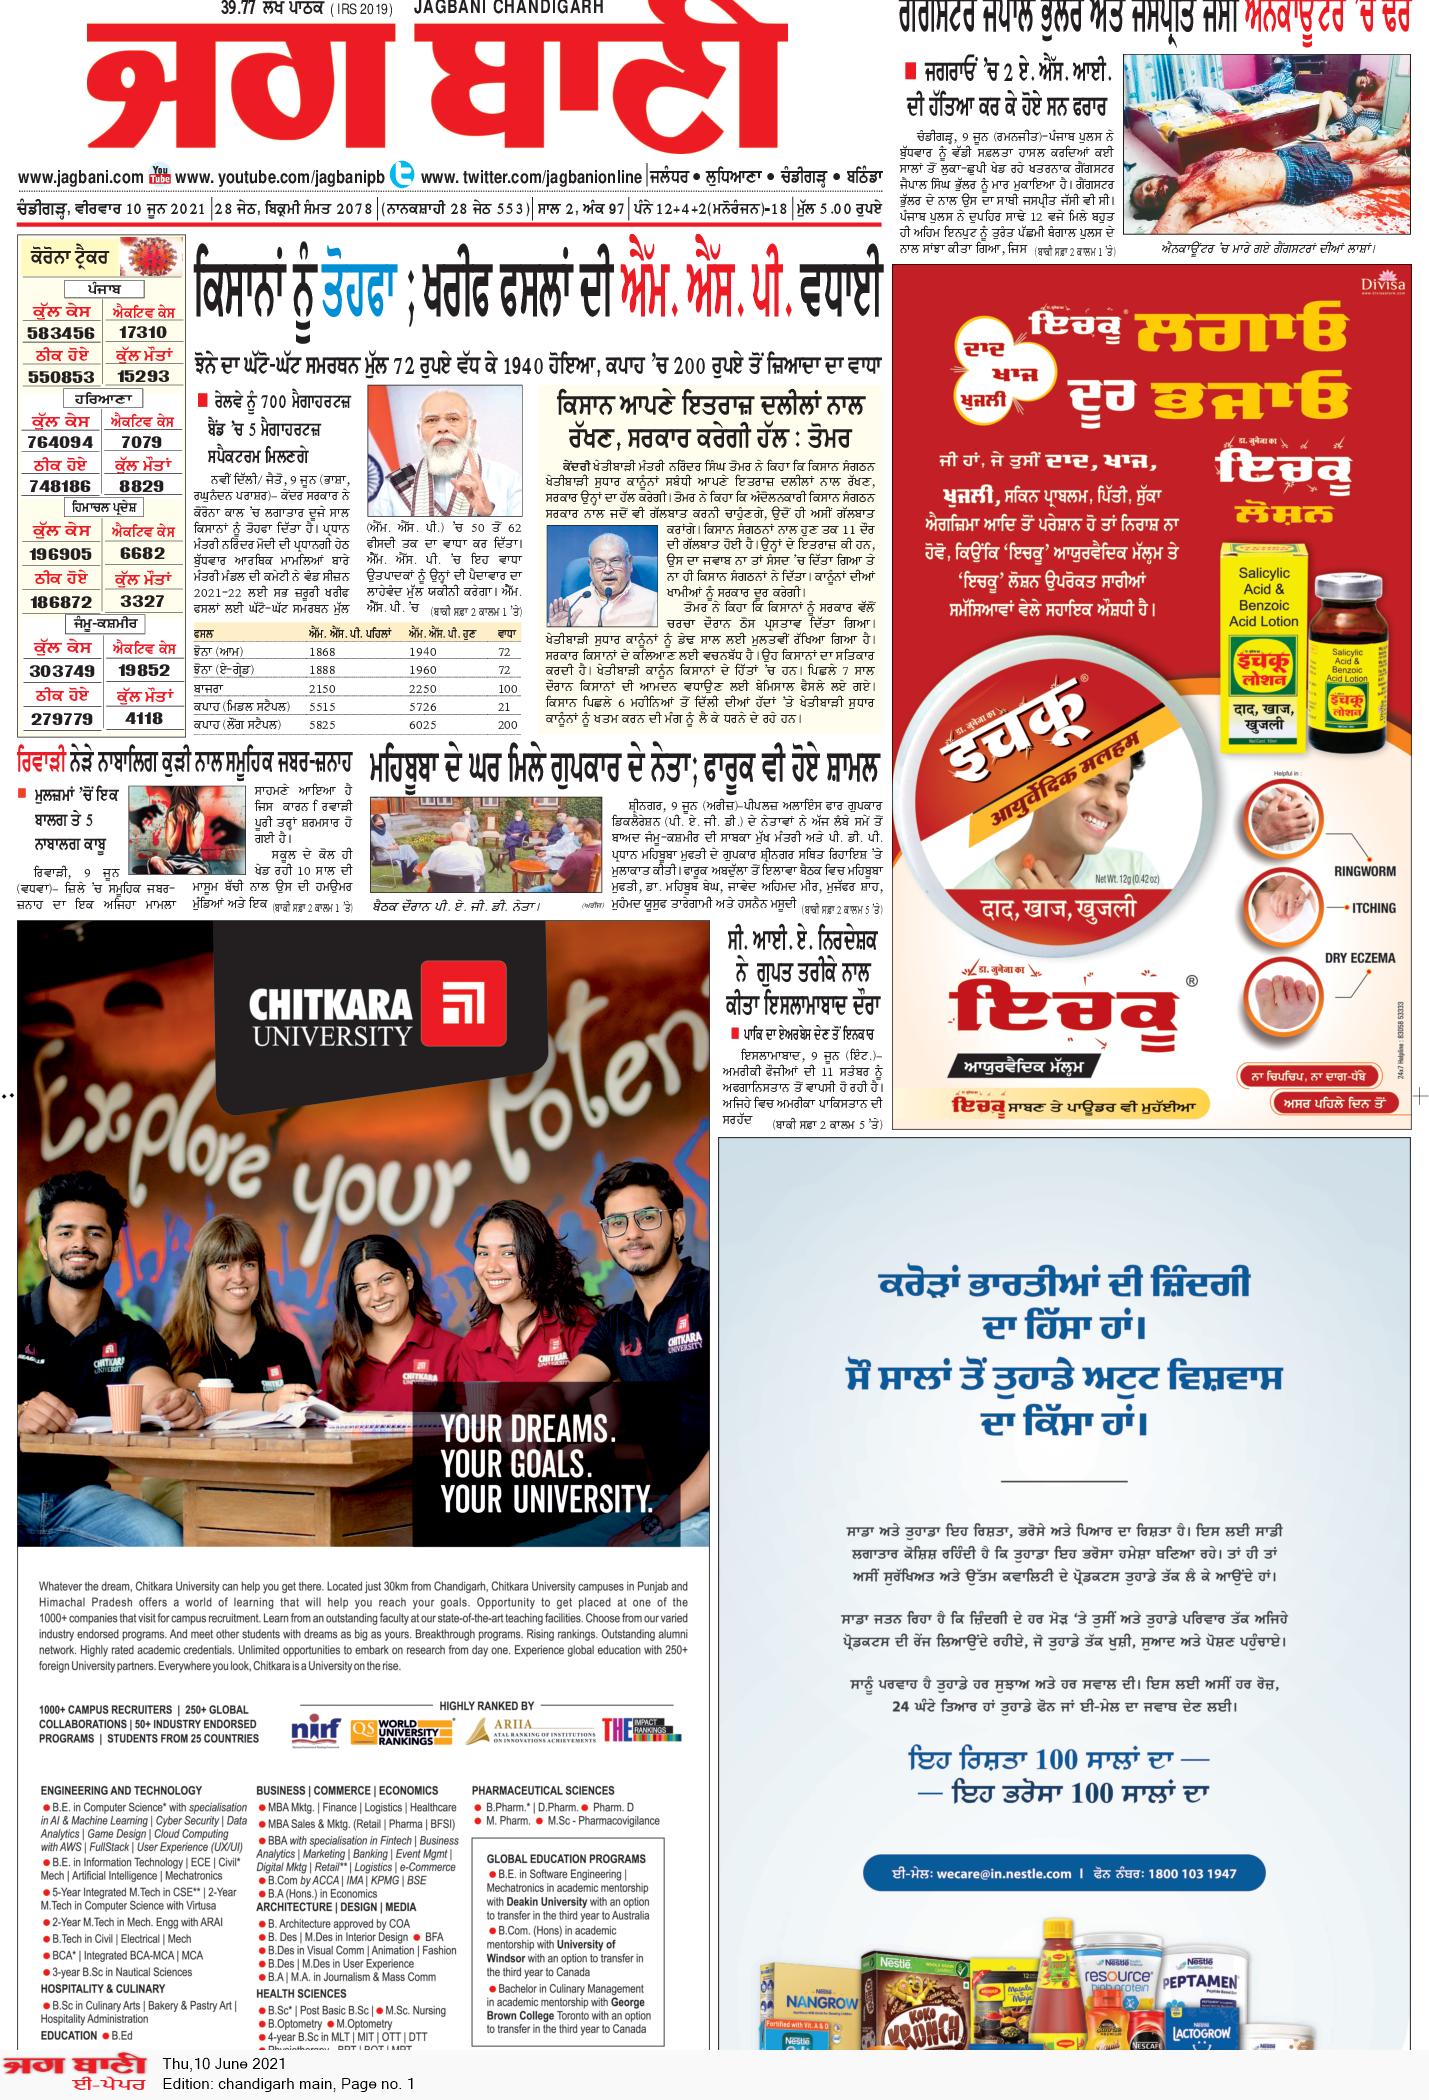 Chandigarh Main 6/10/2021 12:00:00 AM